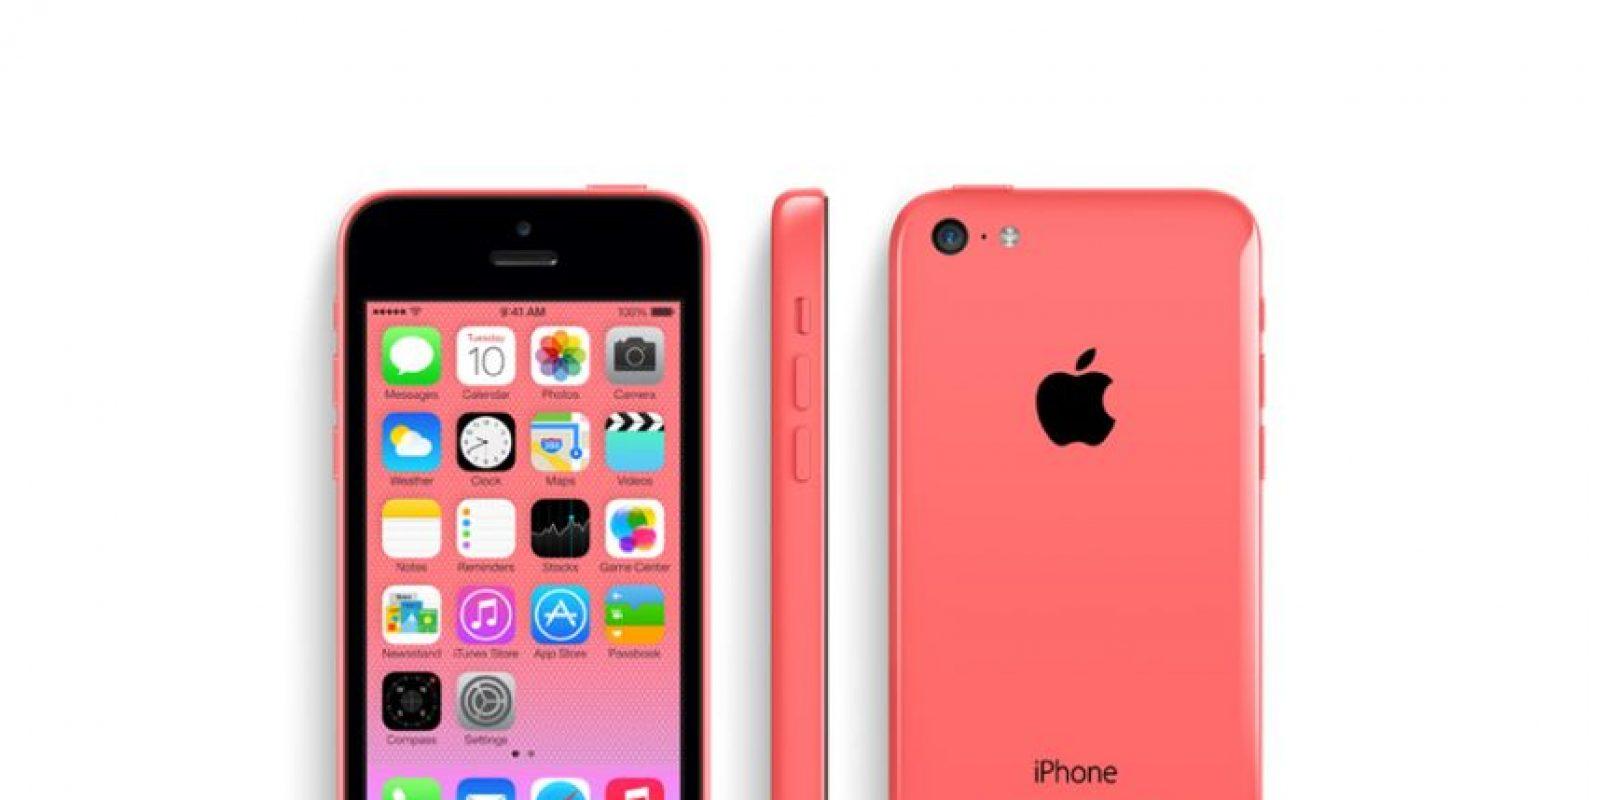 3.- Volver atrás es más facil en apps como Mensajes, Correo Electrónico, Ajustes, Safari con solo deslizar de la orilla izquierda hacia la derecha de la pantalla Foto:Apple